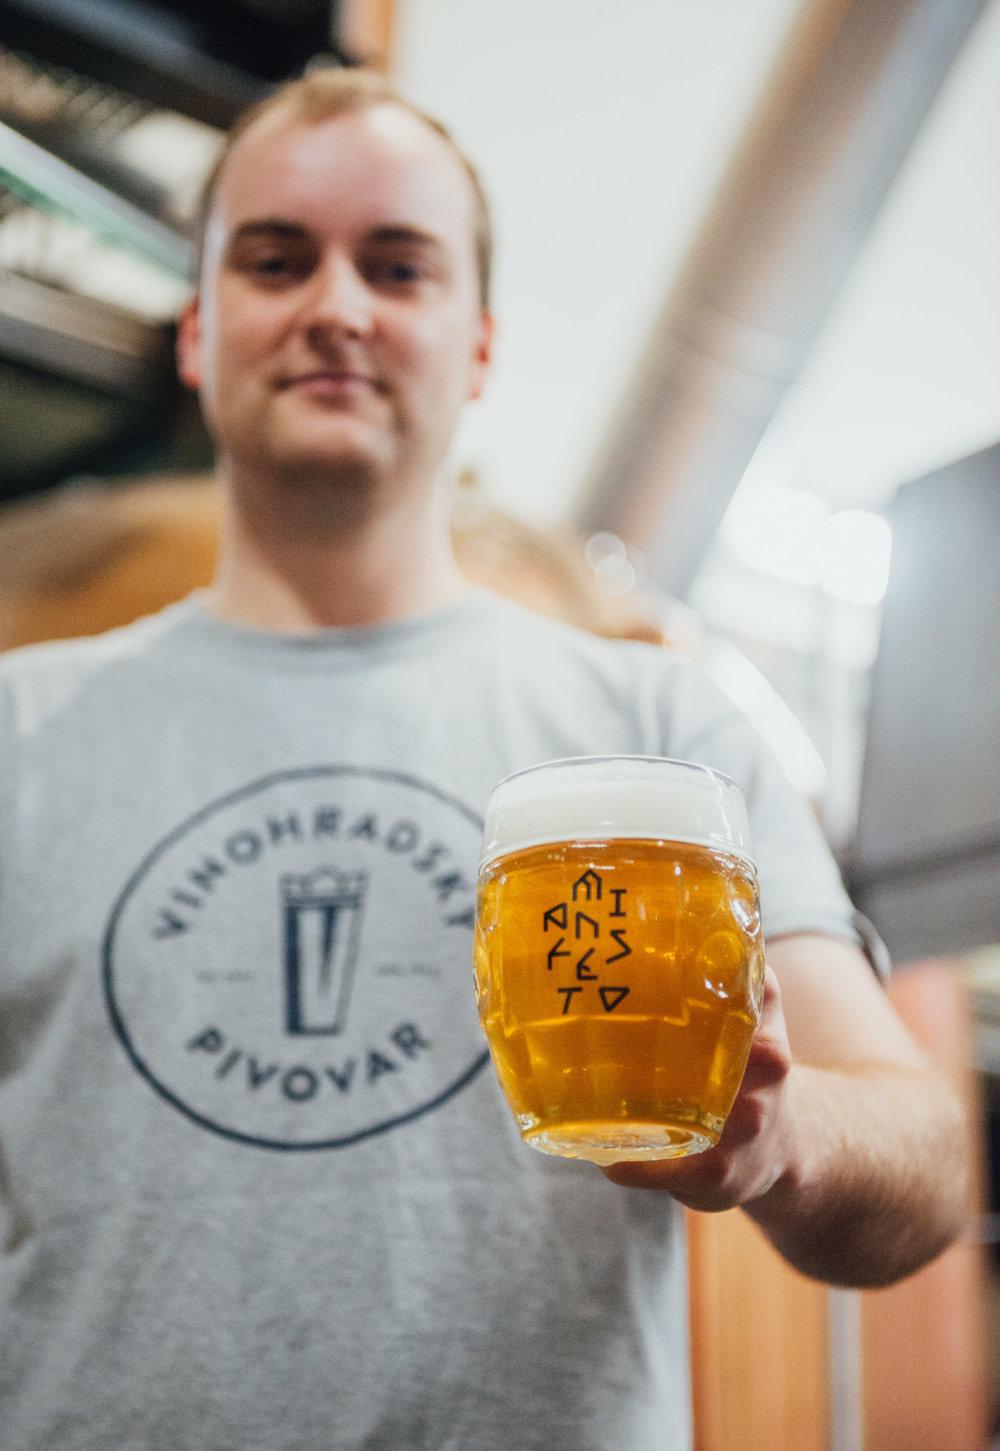 Manifesto-Market-Vinohradsky-Pivovar-beer-2623.jpg